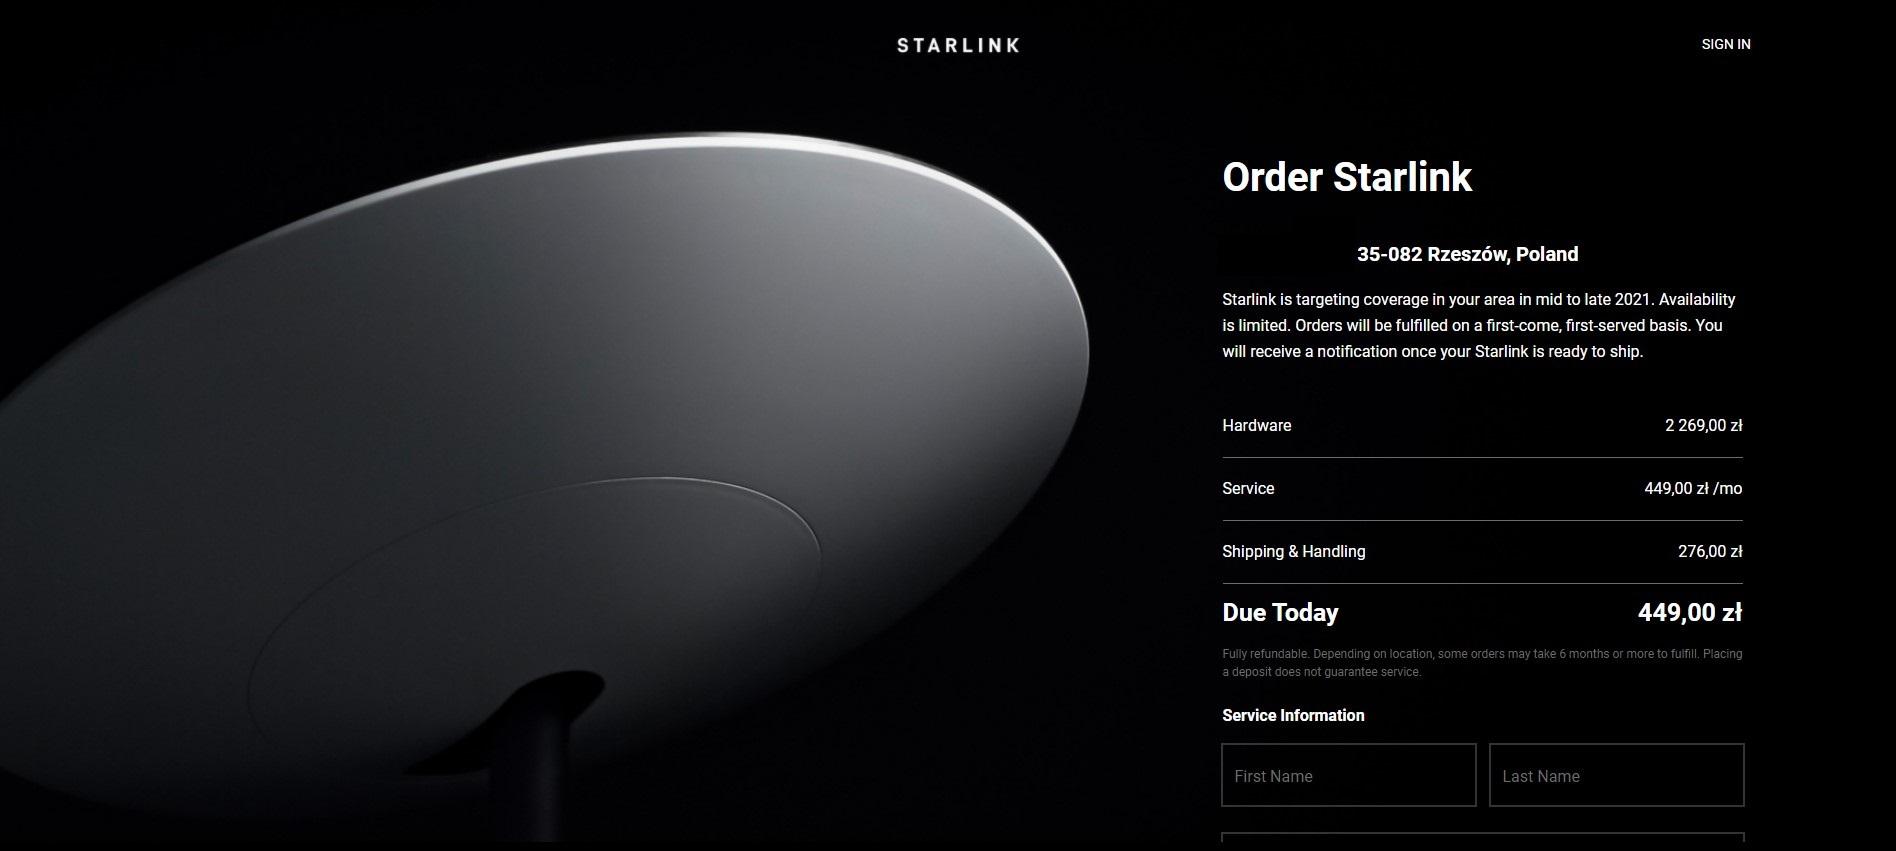 Starlink ceny fot. Starlink